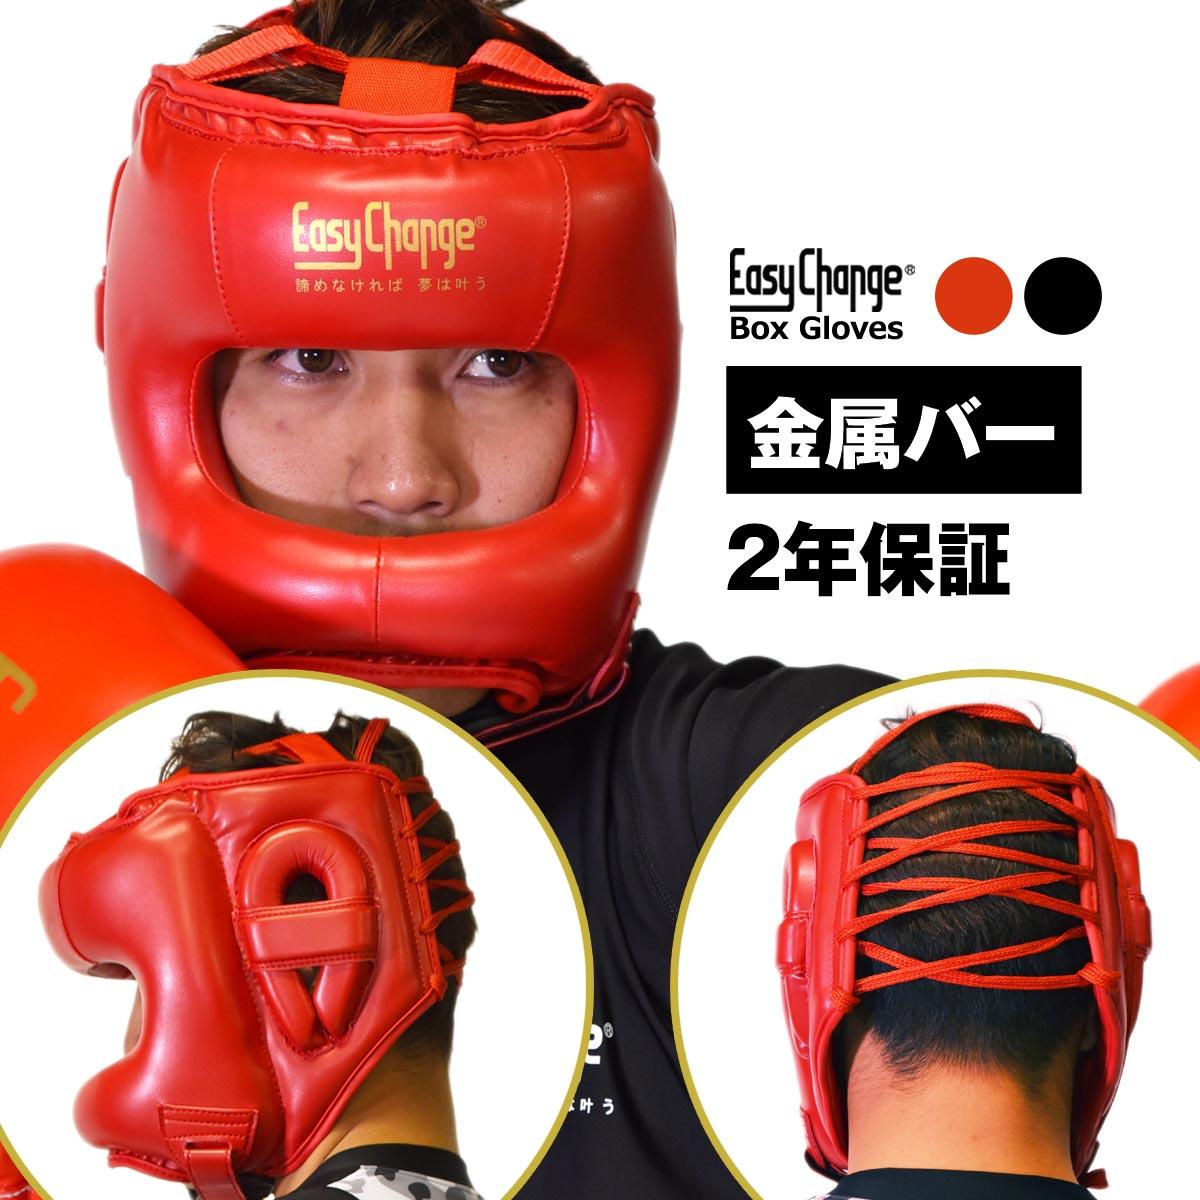 ボクシングヘッドギア 2年保証 プロ仕様 アイアンタイプ 紐式  EasyChange イージーチェンジ (ヘッドガード キックボクシング 総合格闘技 頭部 プロテクター )